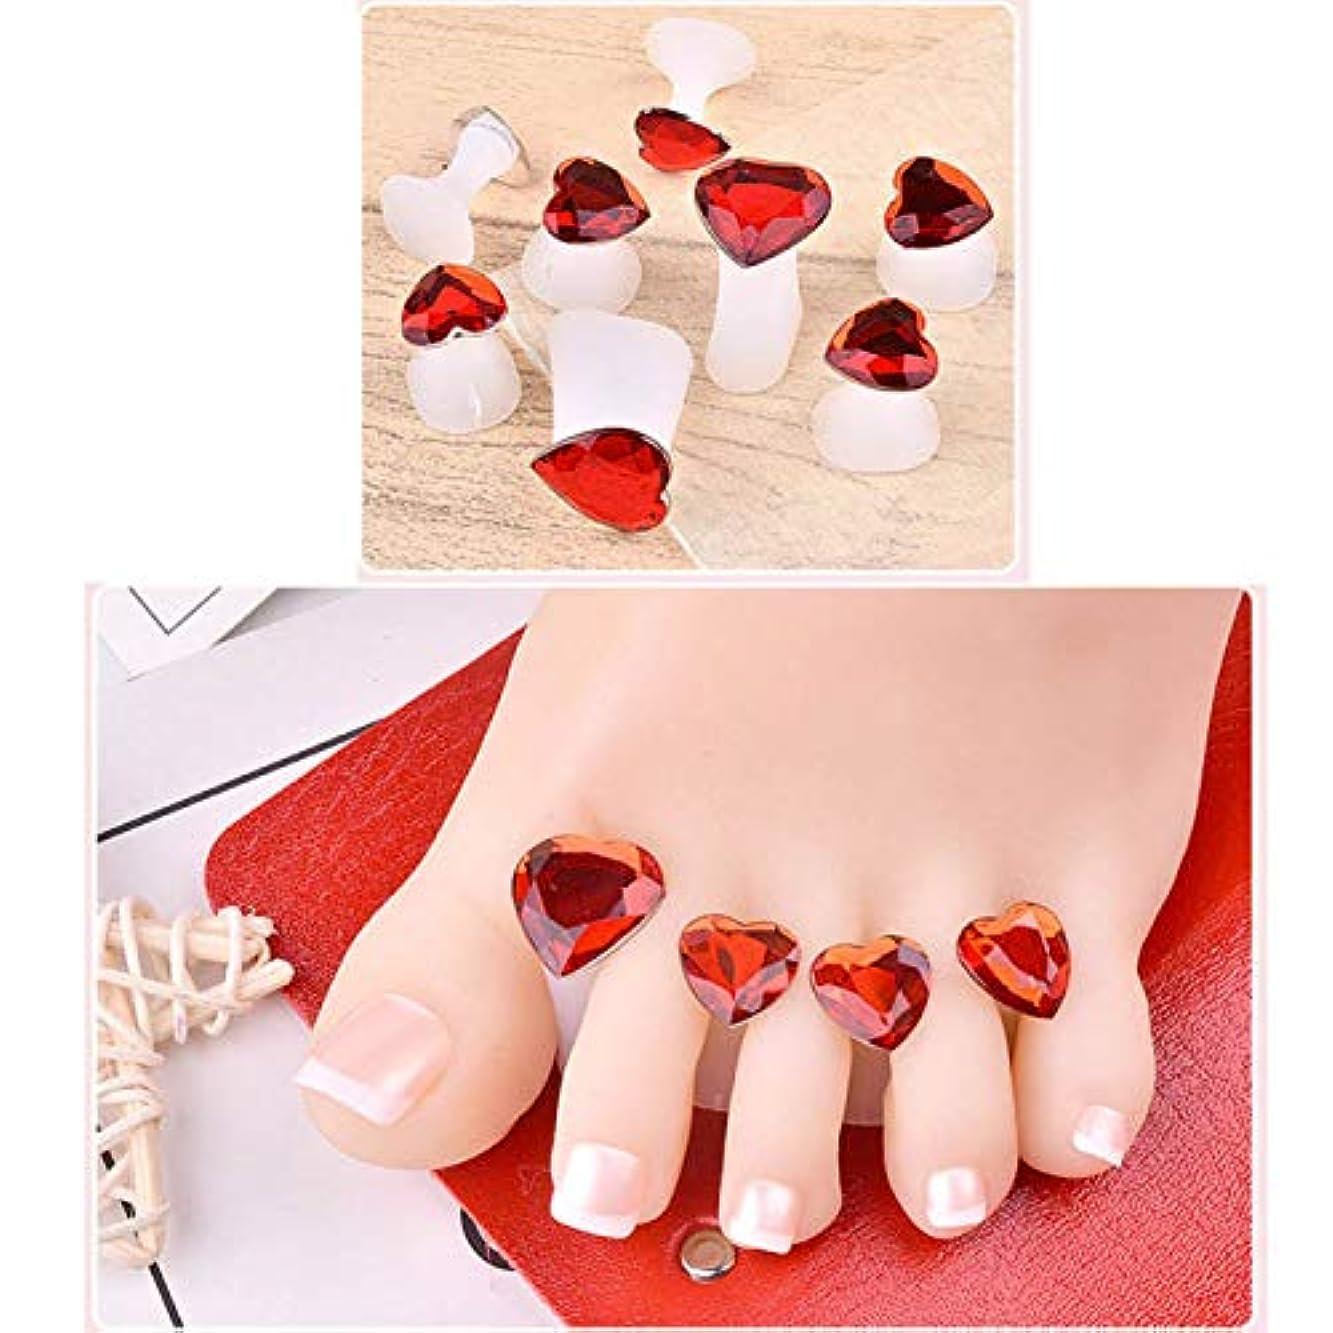 求人準備したショッキングWadachikis Plaiseworthy 8 pcs新しい真珠のダイヤモンドつま先シリコンセパレータ花ペディキュアツール水滴(None H08)